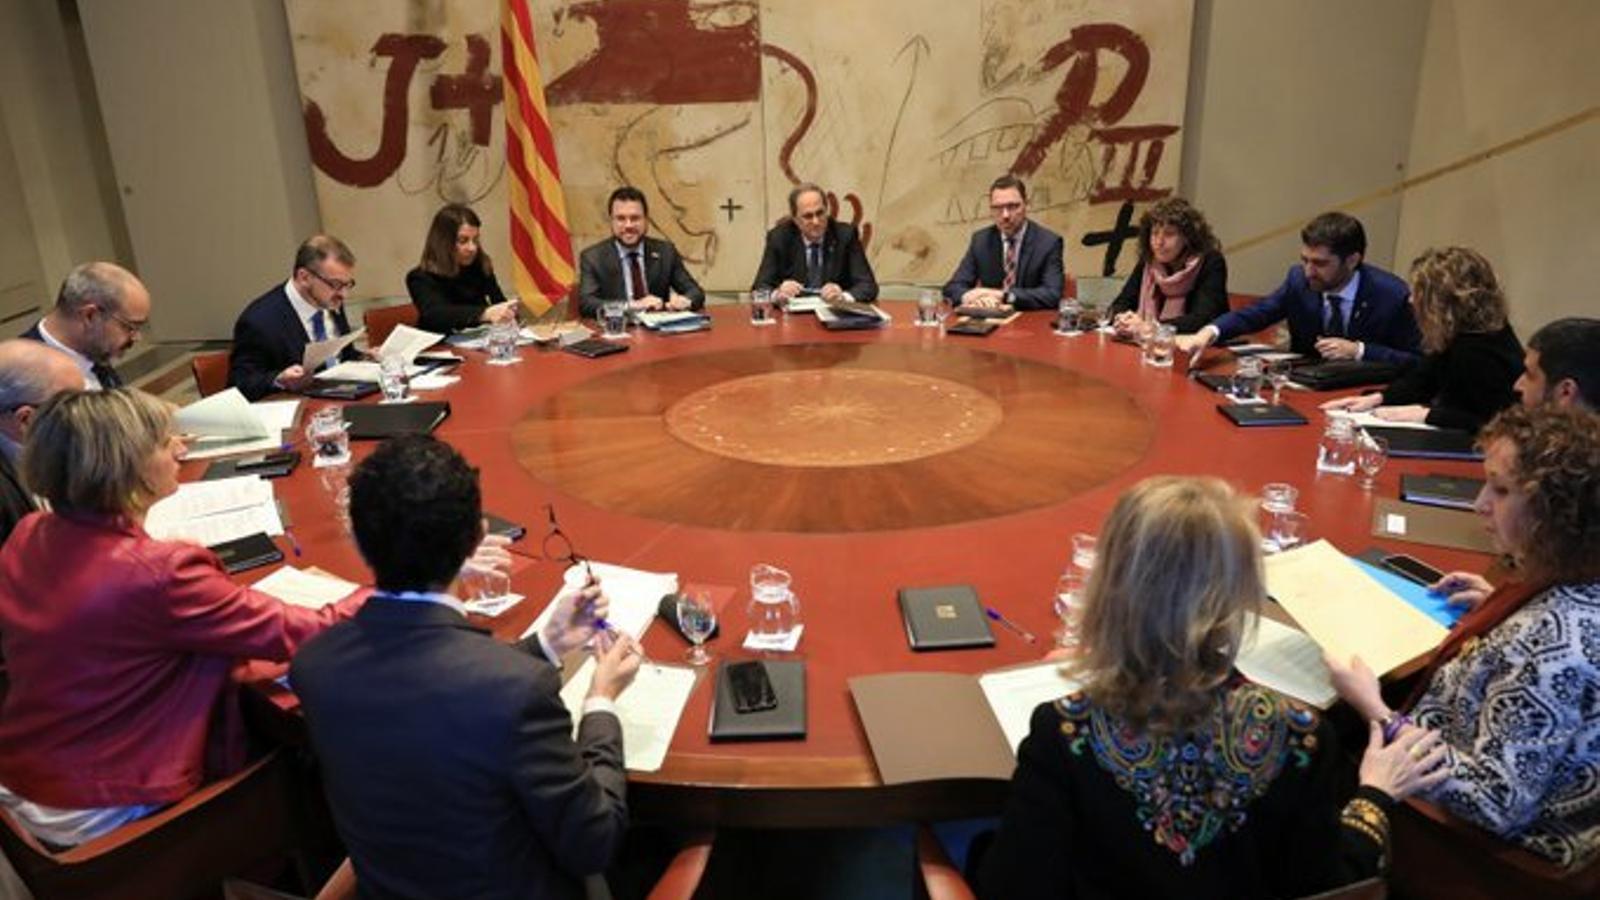 Torra alenteix el calendari de la taula de diàleg entre governs